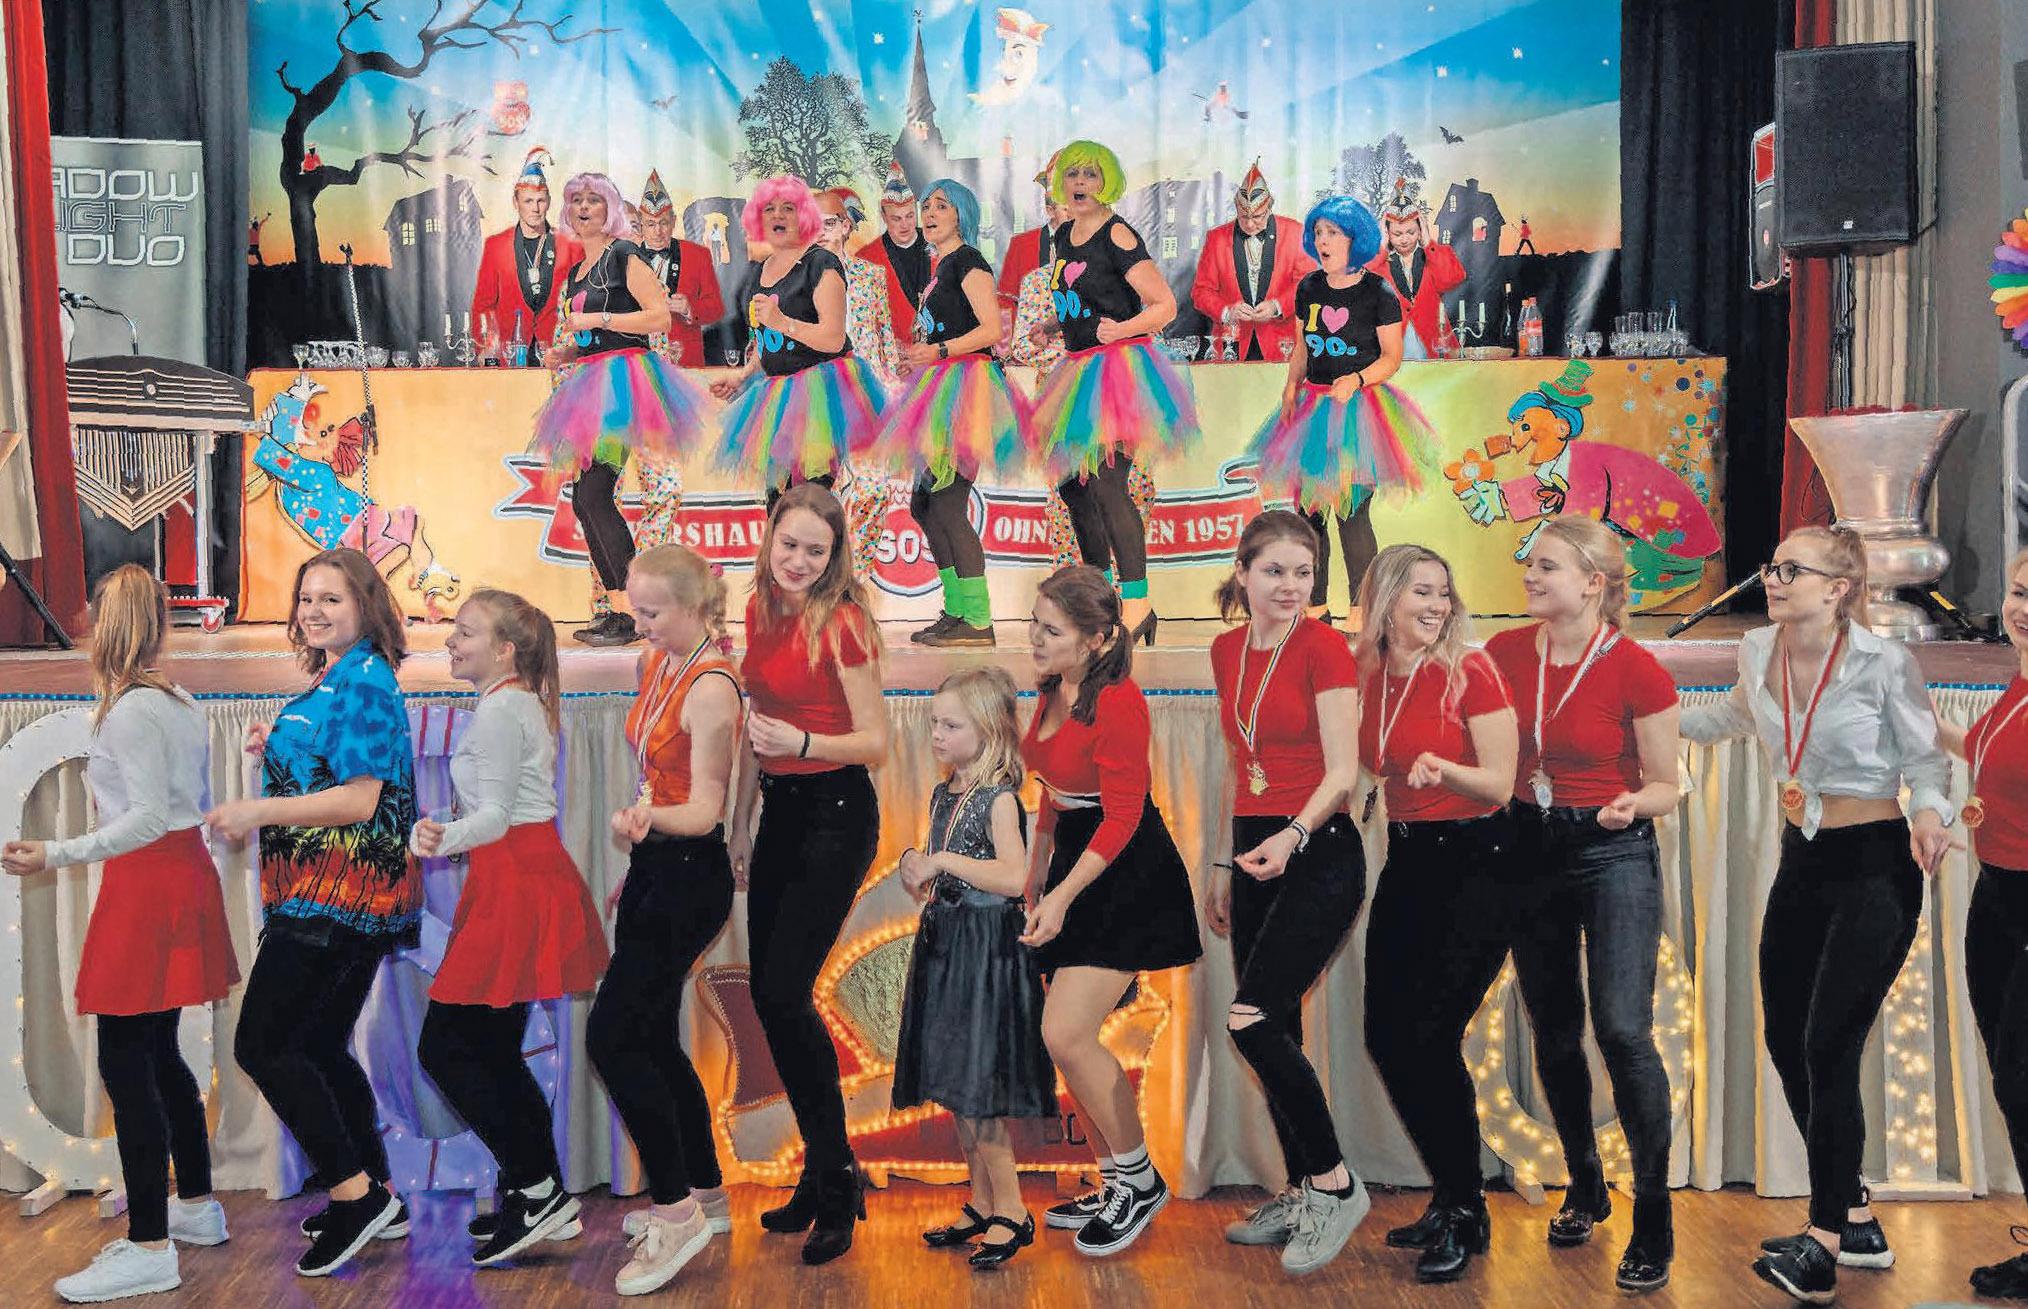 Da geht die Party richtig los: Wer Karneval mag, wird die Veranstaltungen der SOS Sievershausen lieben.